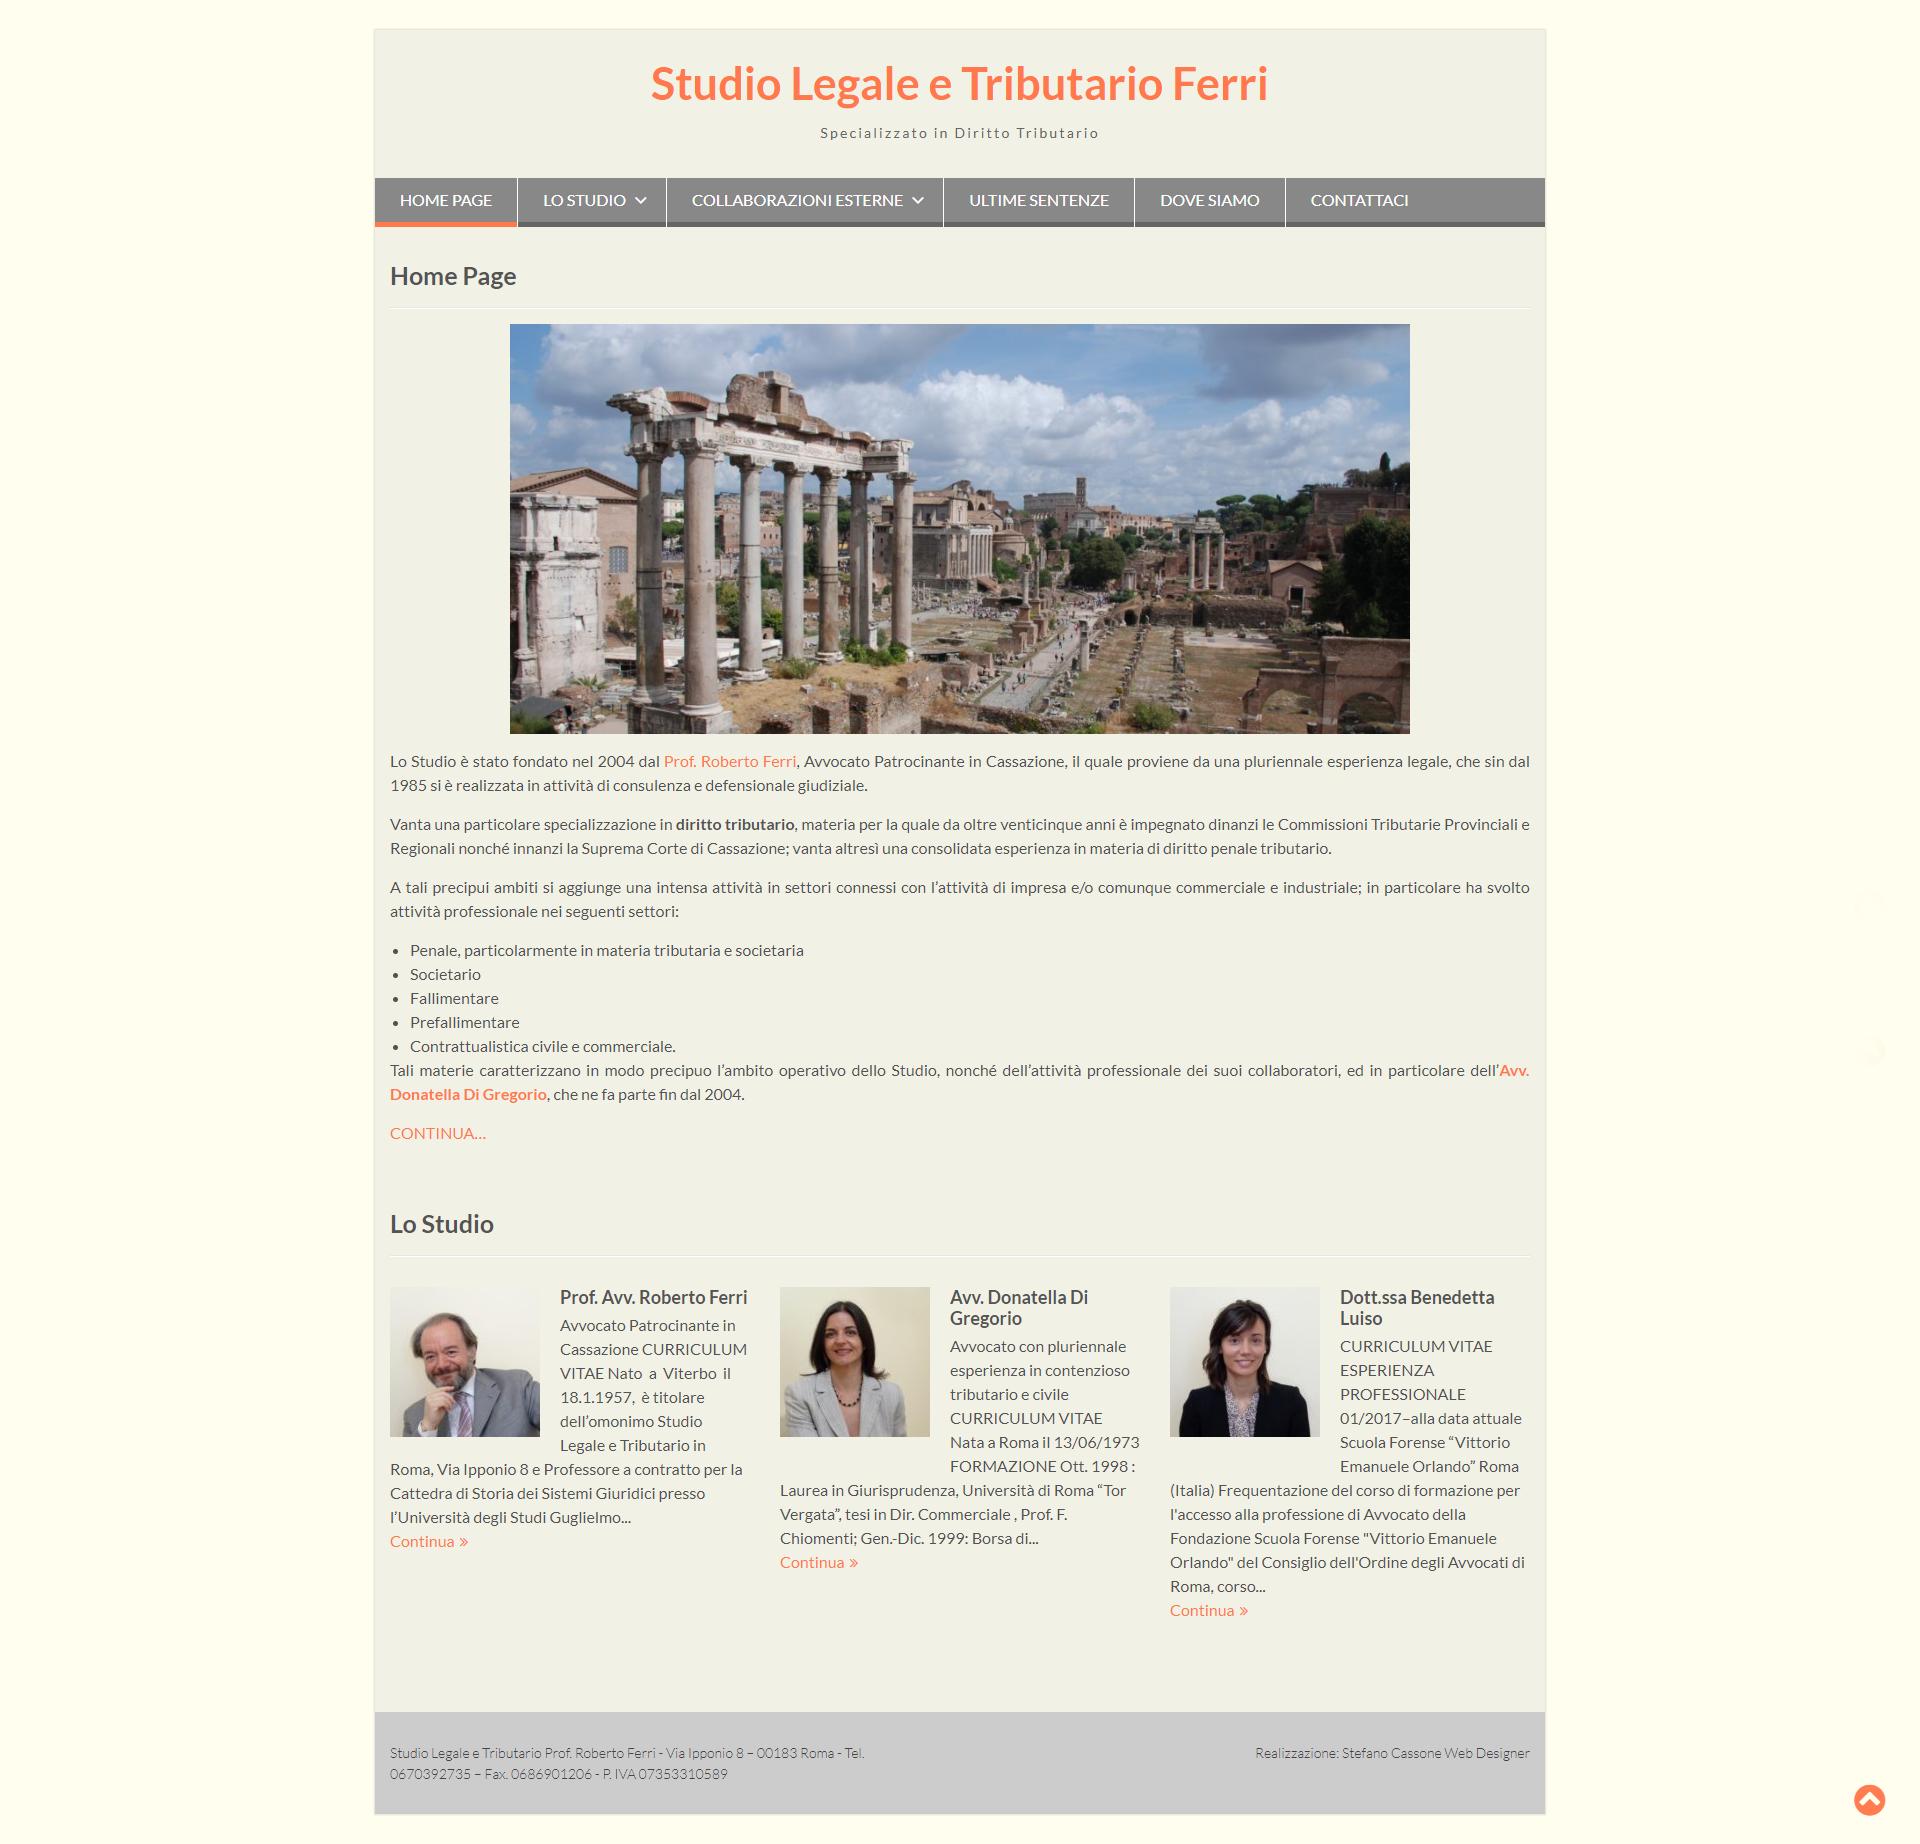 Studio Legale e Tributario Ferri - Home Page